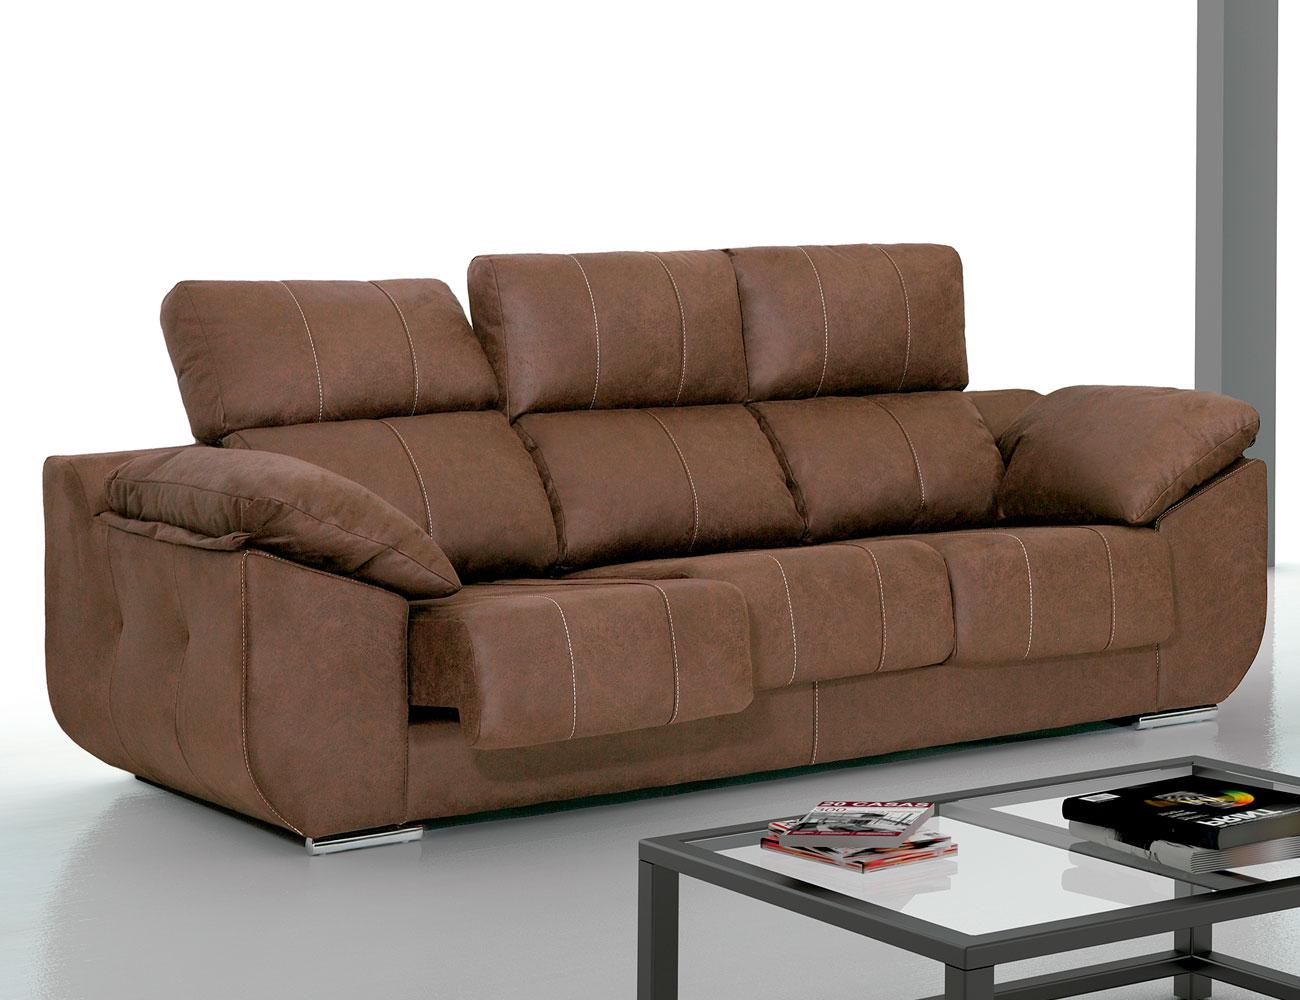 Sof con asientos extra bles y respaldos reclinables en - Factory del sofa sevilla ...